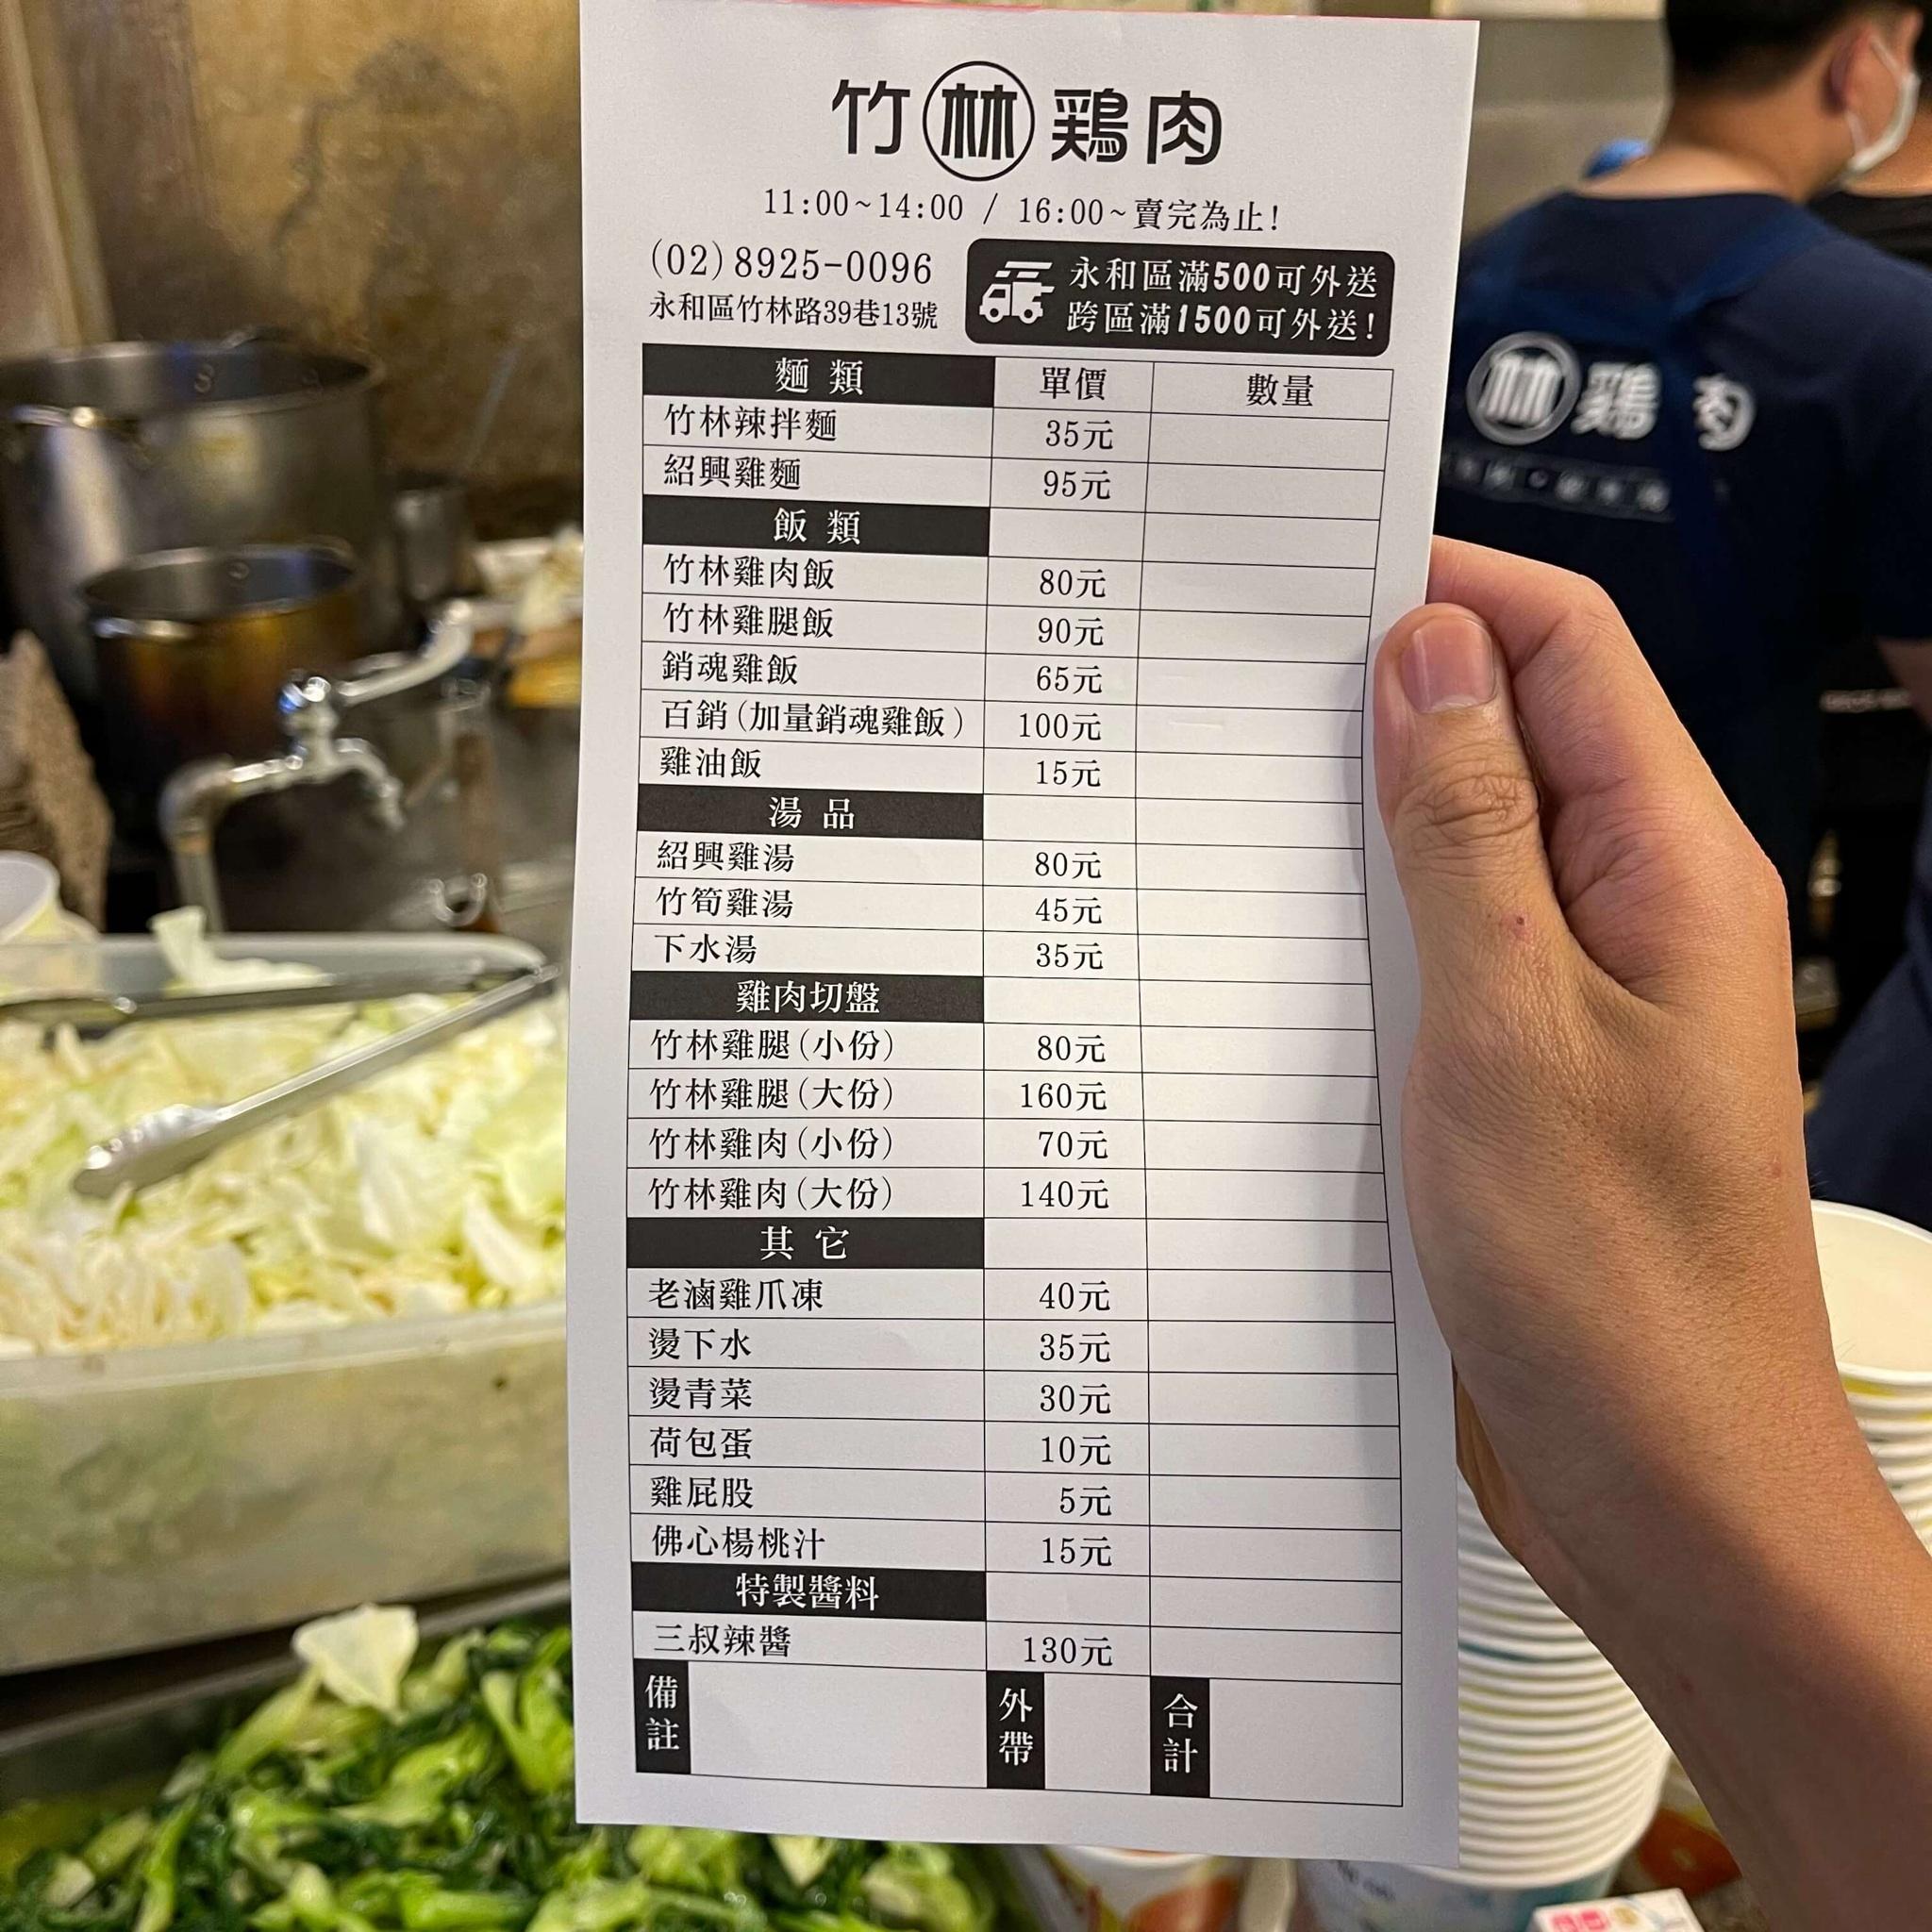 竹林雞肉菜單MENU